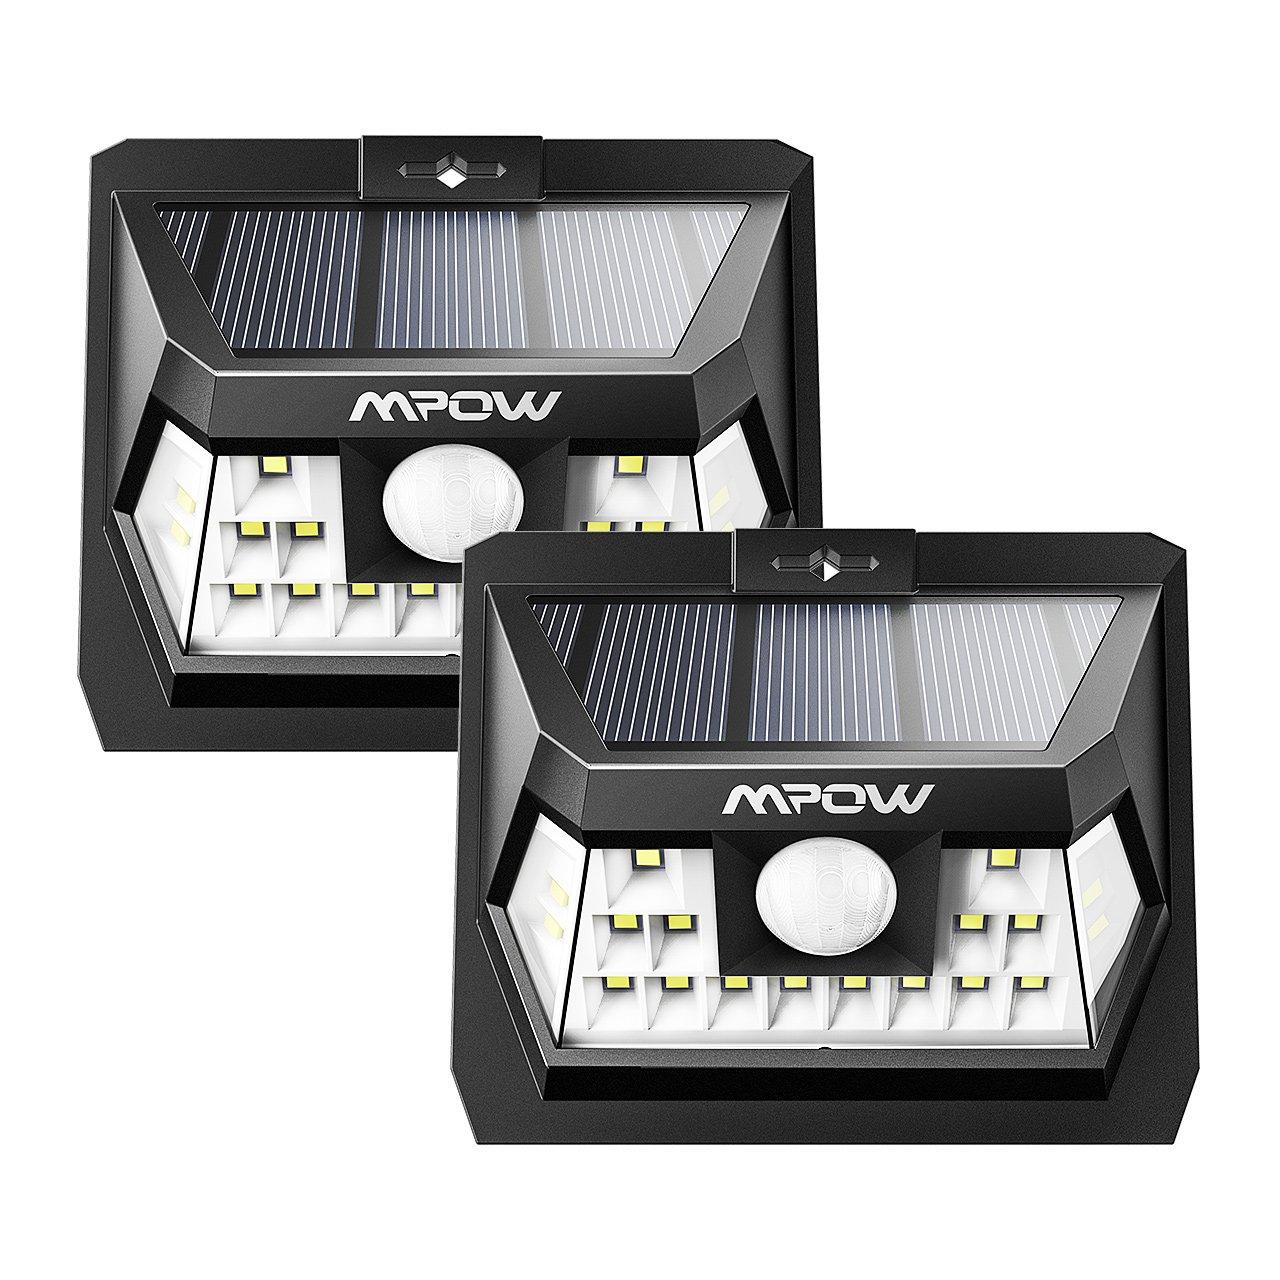 Détecteur Mouvement Solaire Etanche Mpow Lampe 18 Led 120 Jardin De zSUMpqV